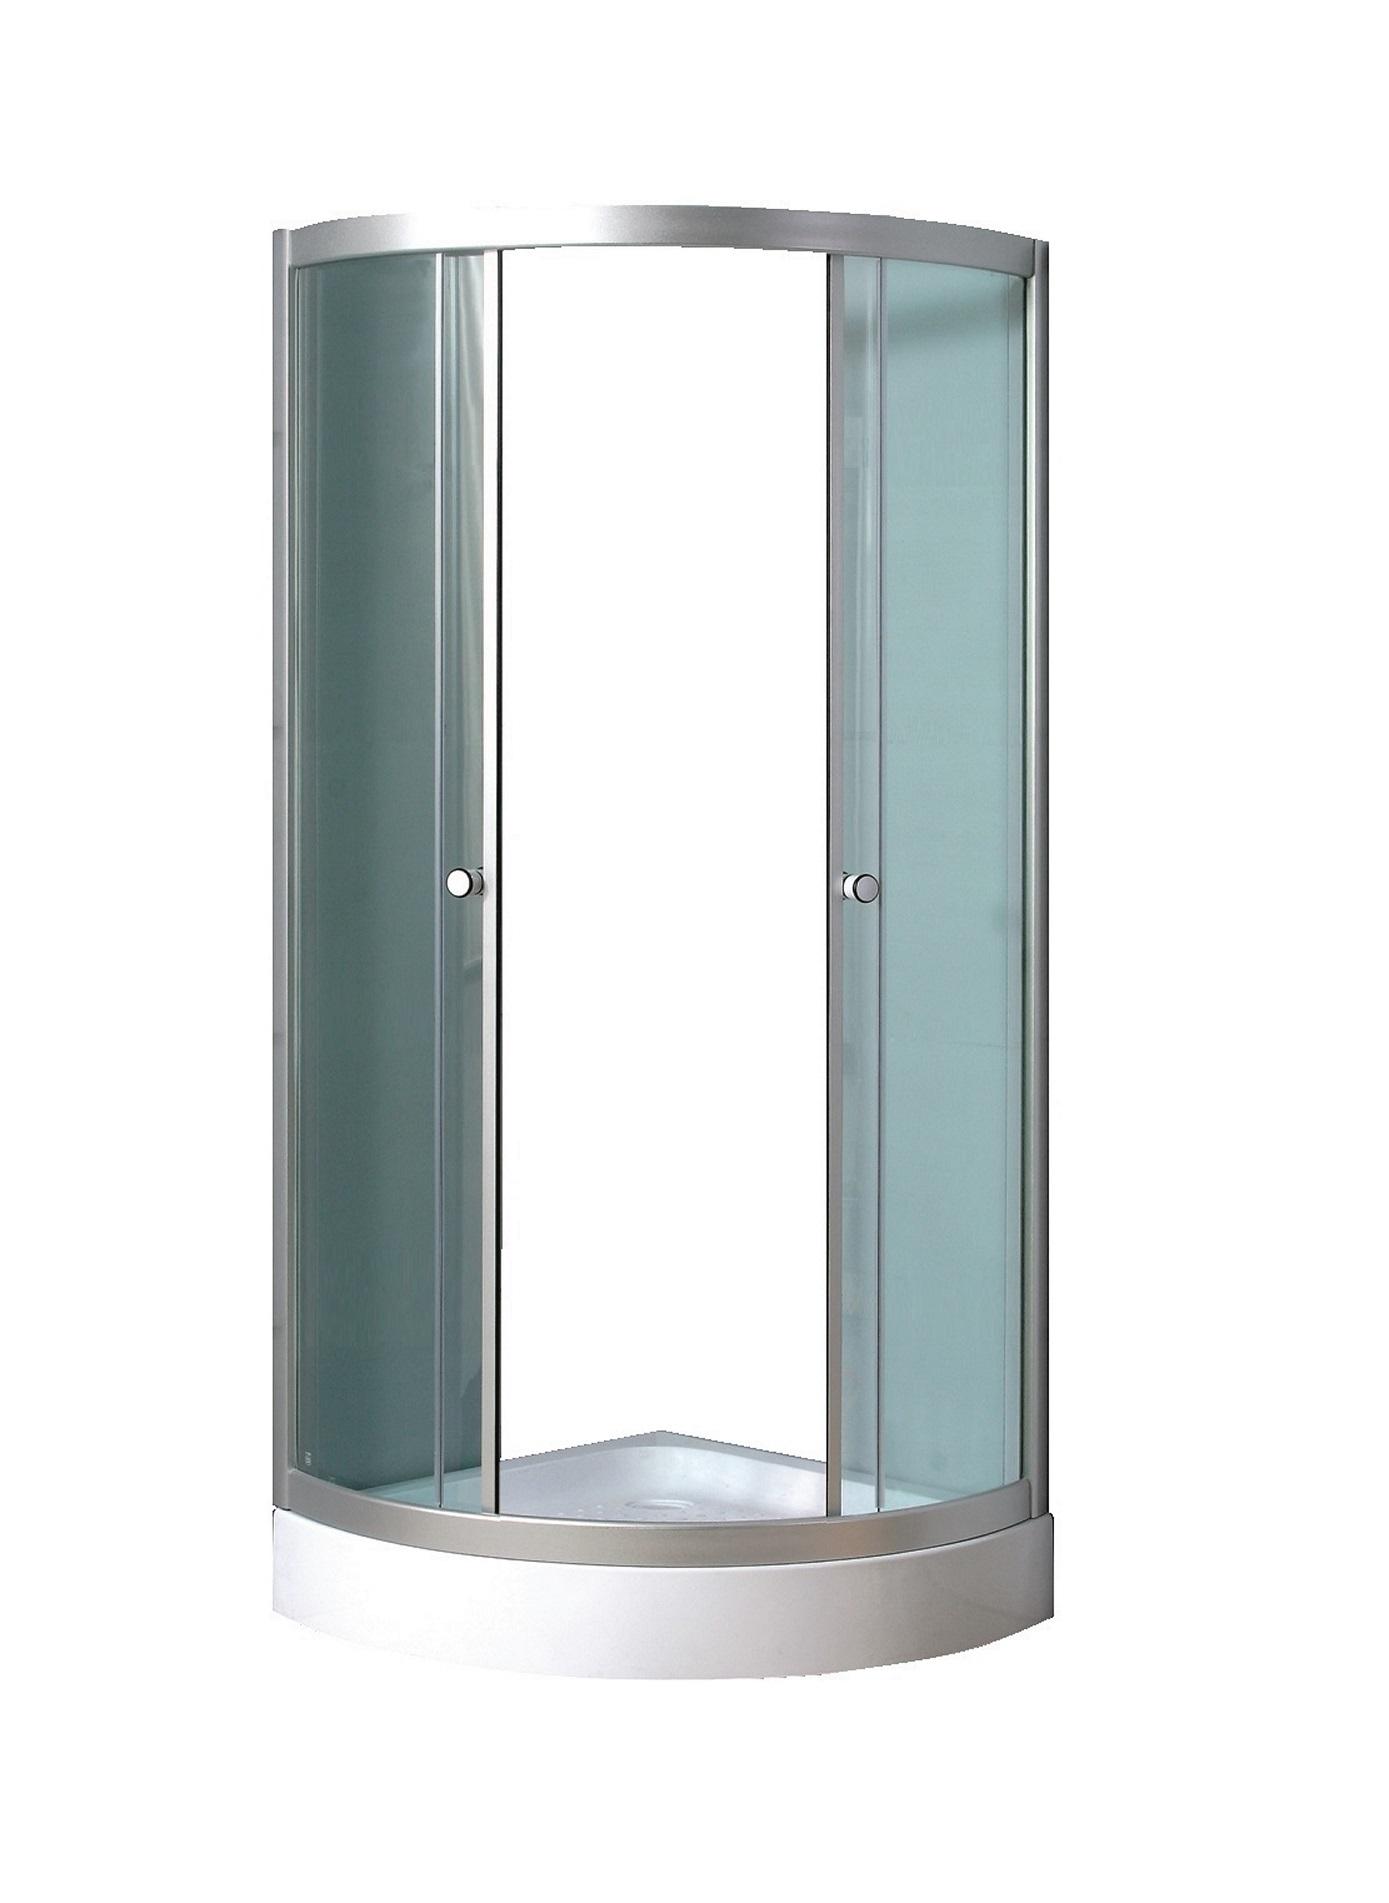 kabina prysznicowa z brodzikiem kalina 90x90 szk�o mroŻone